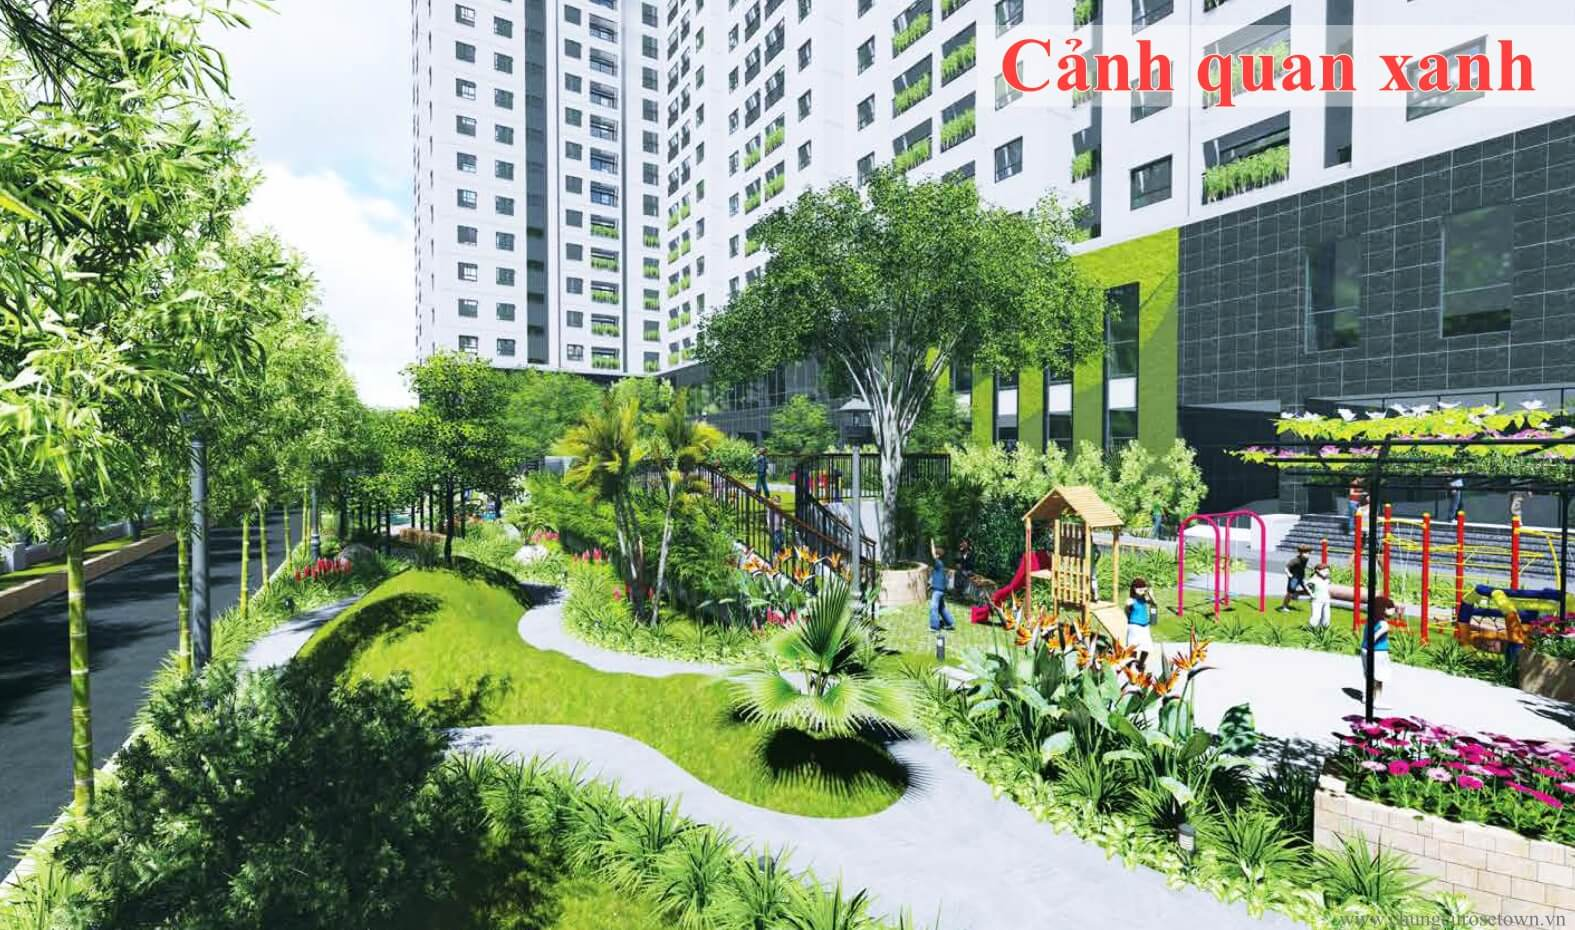 Cảnh quan xanh tại dự án chung cư Rose Town Ngọc Hồi